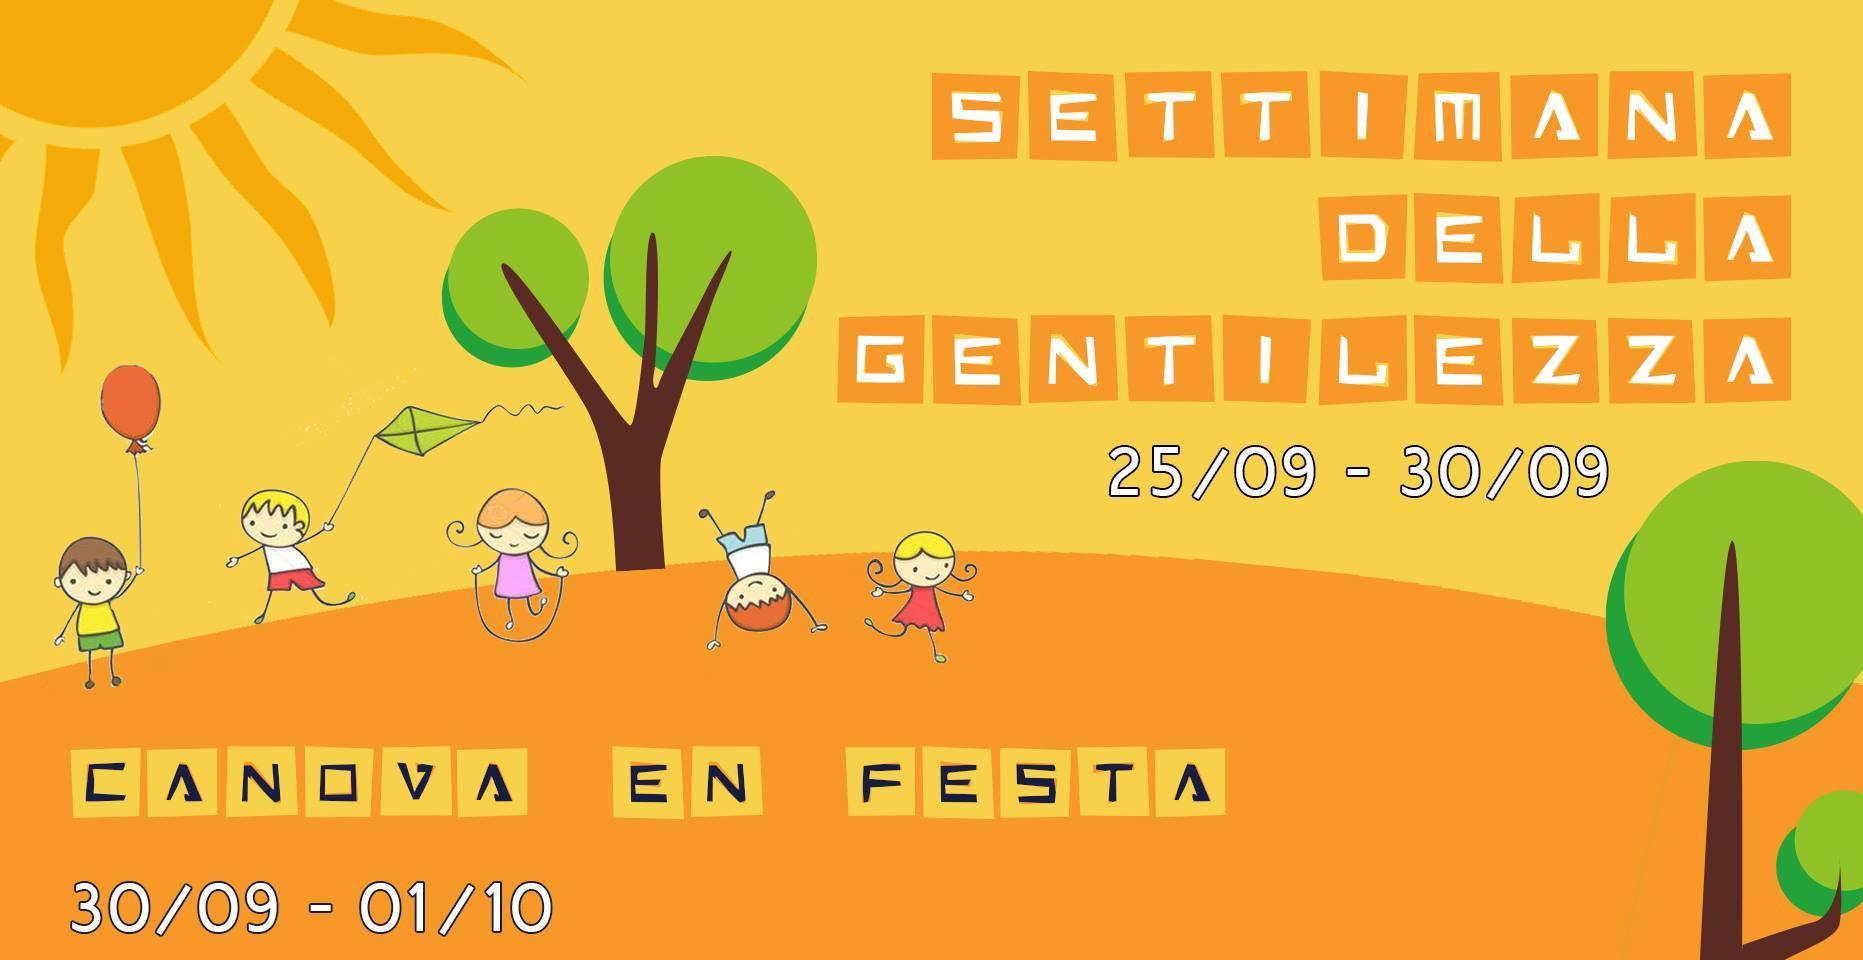 Banner Settimana della Gentilezza 2017